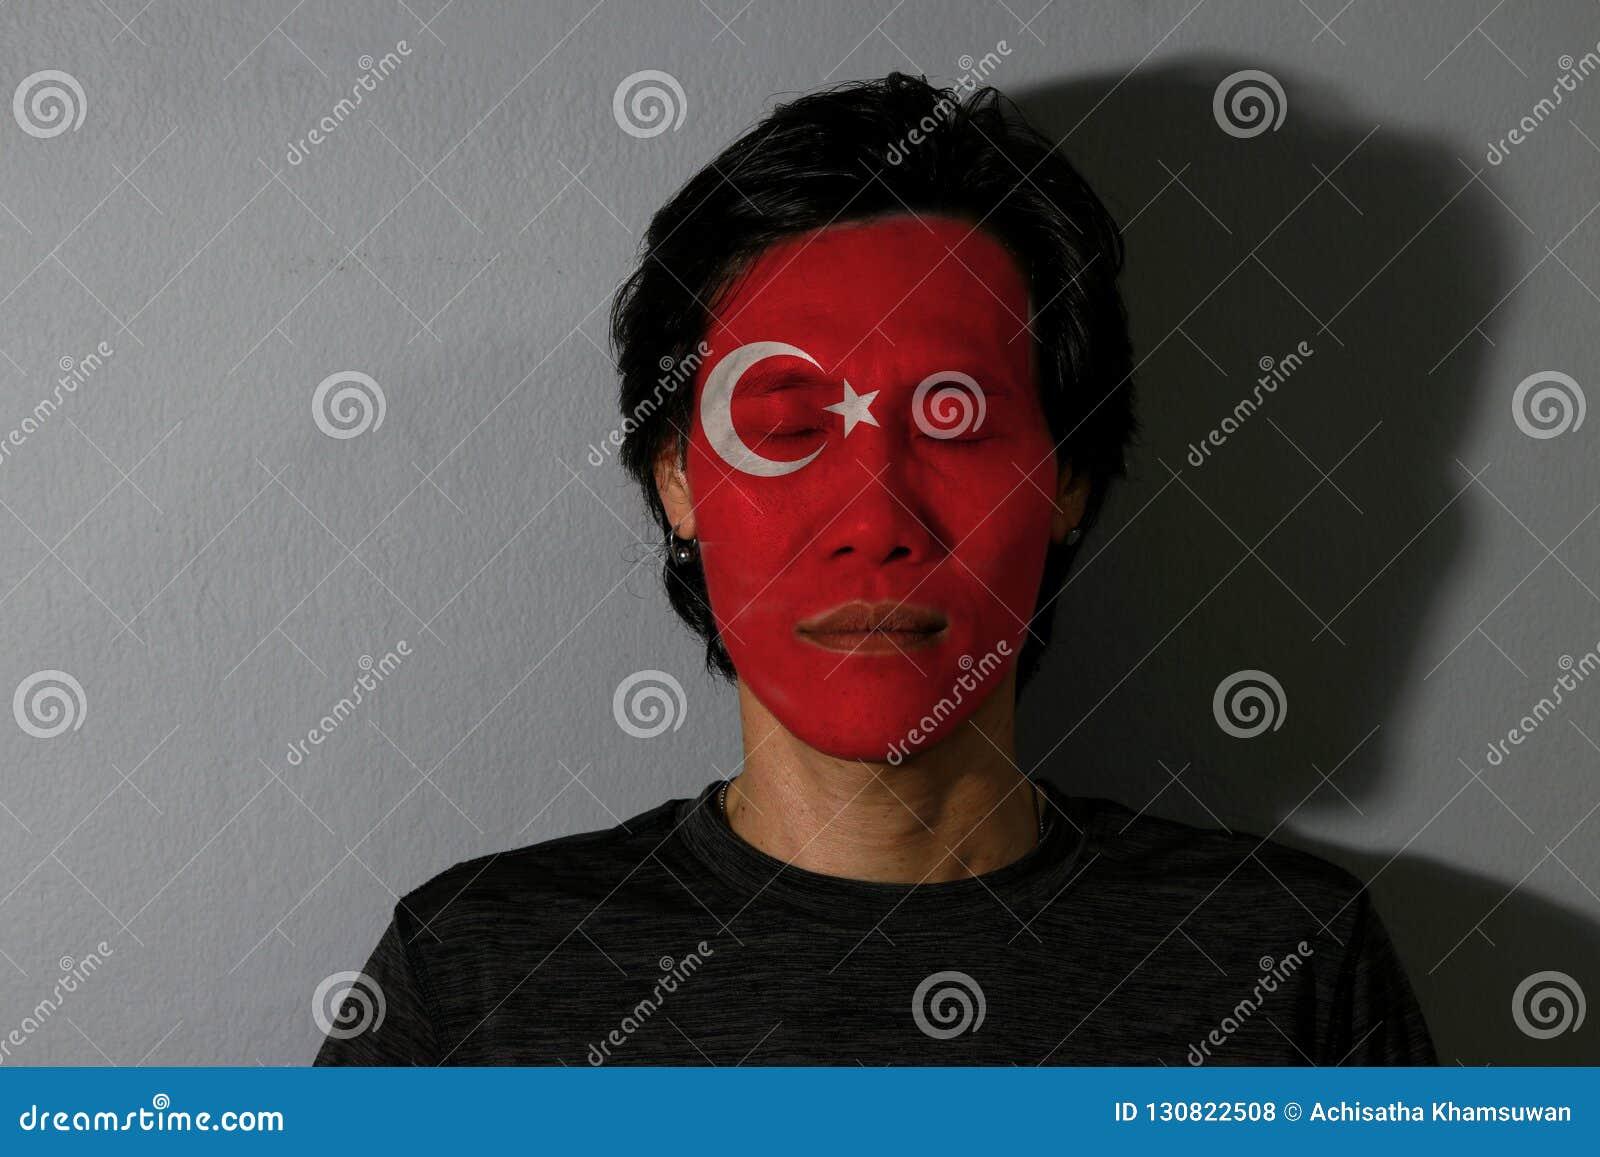 Ståenden av en man med den Turkiet flaggan målade på hans framsida och nära ögon med svart skugga på grå bakgrund